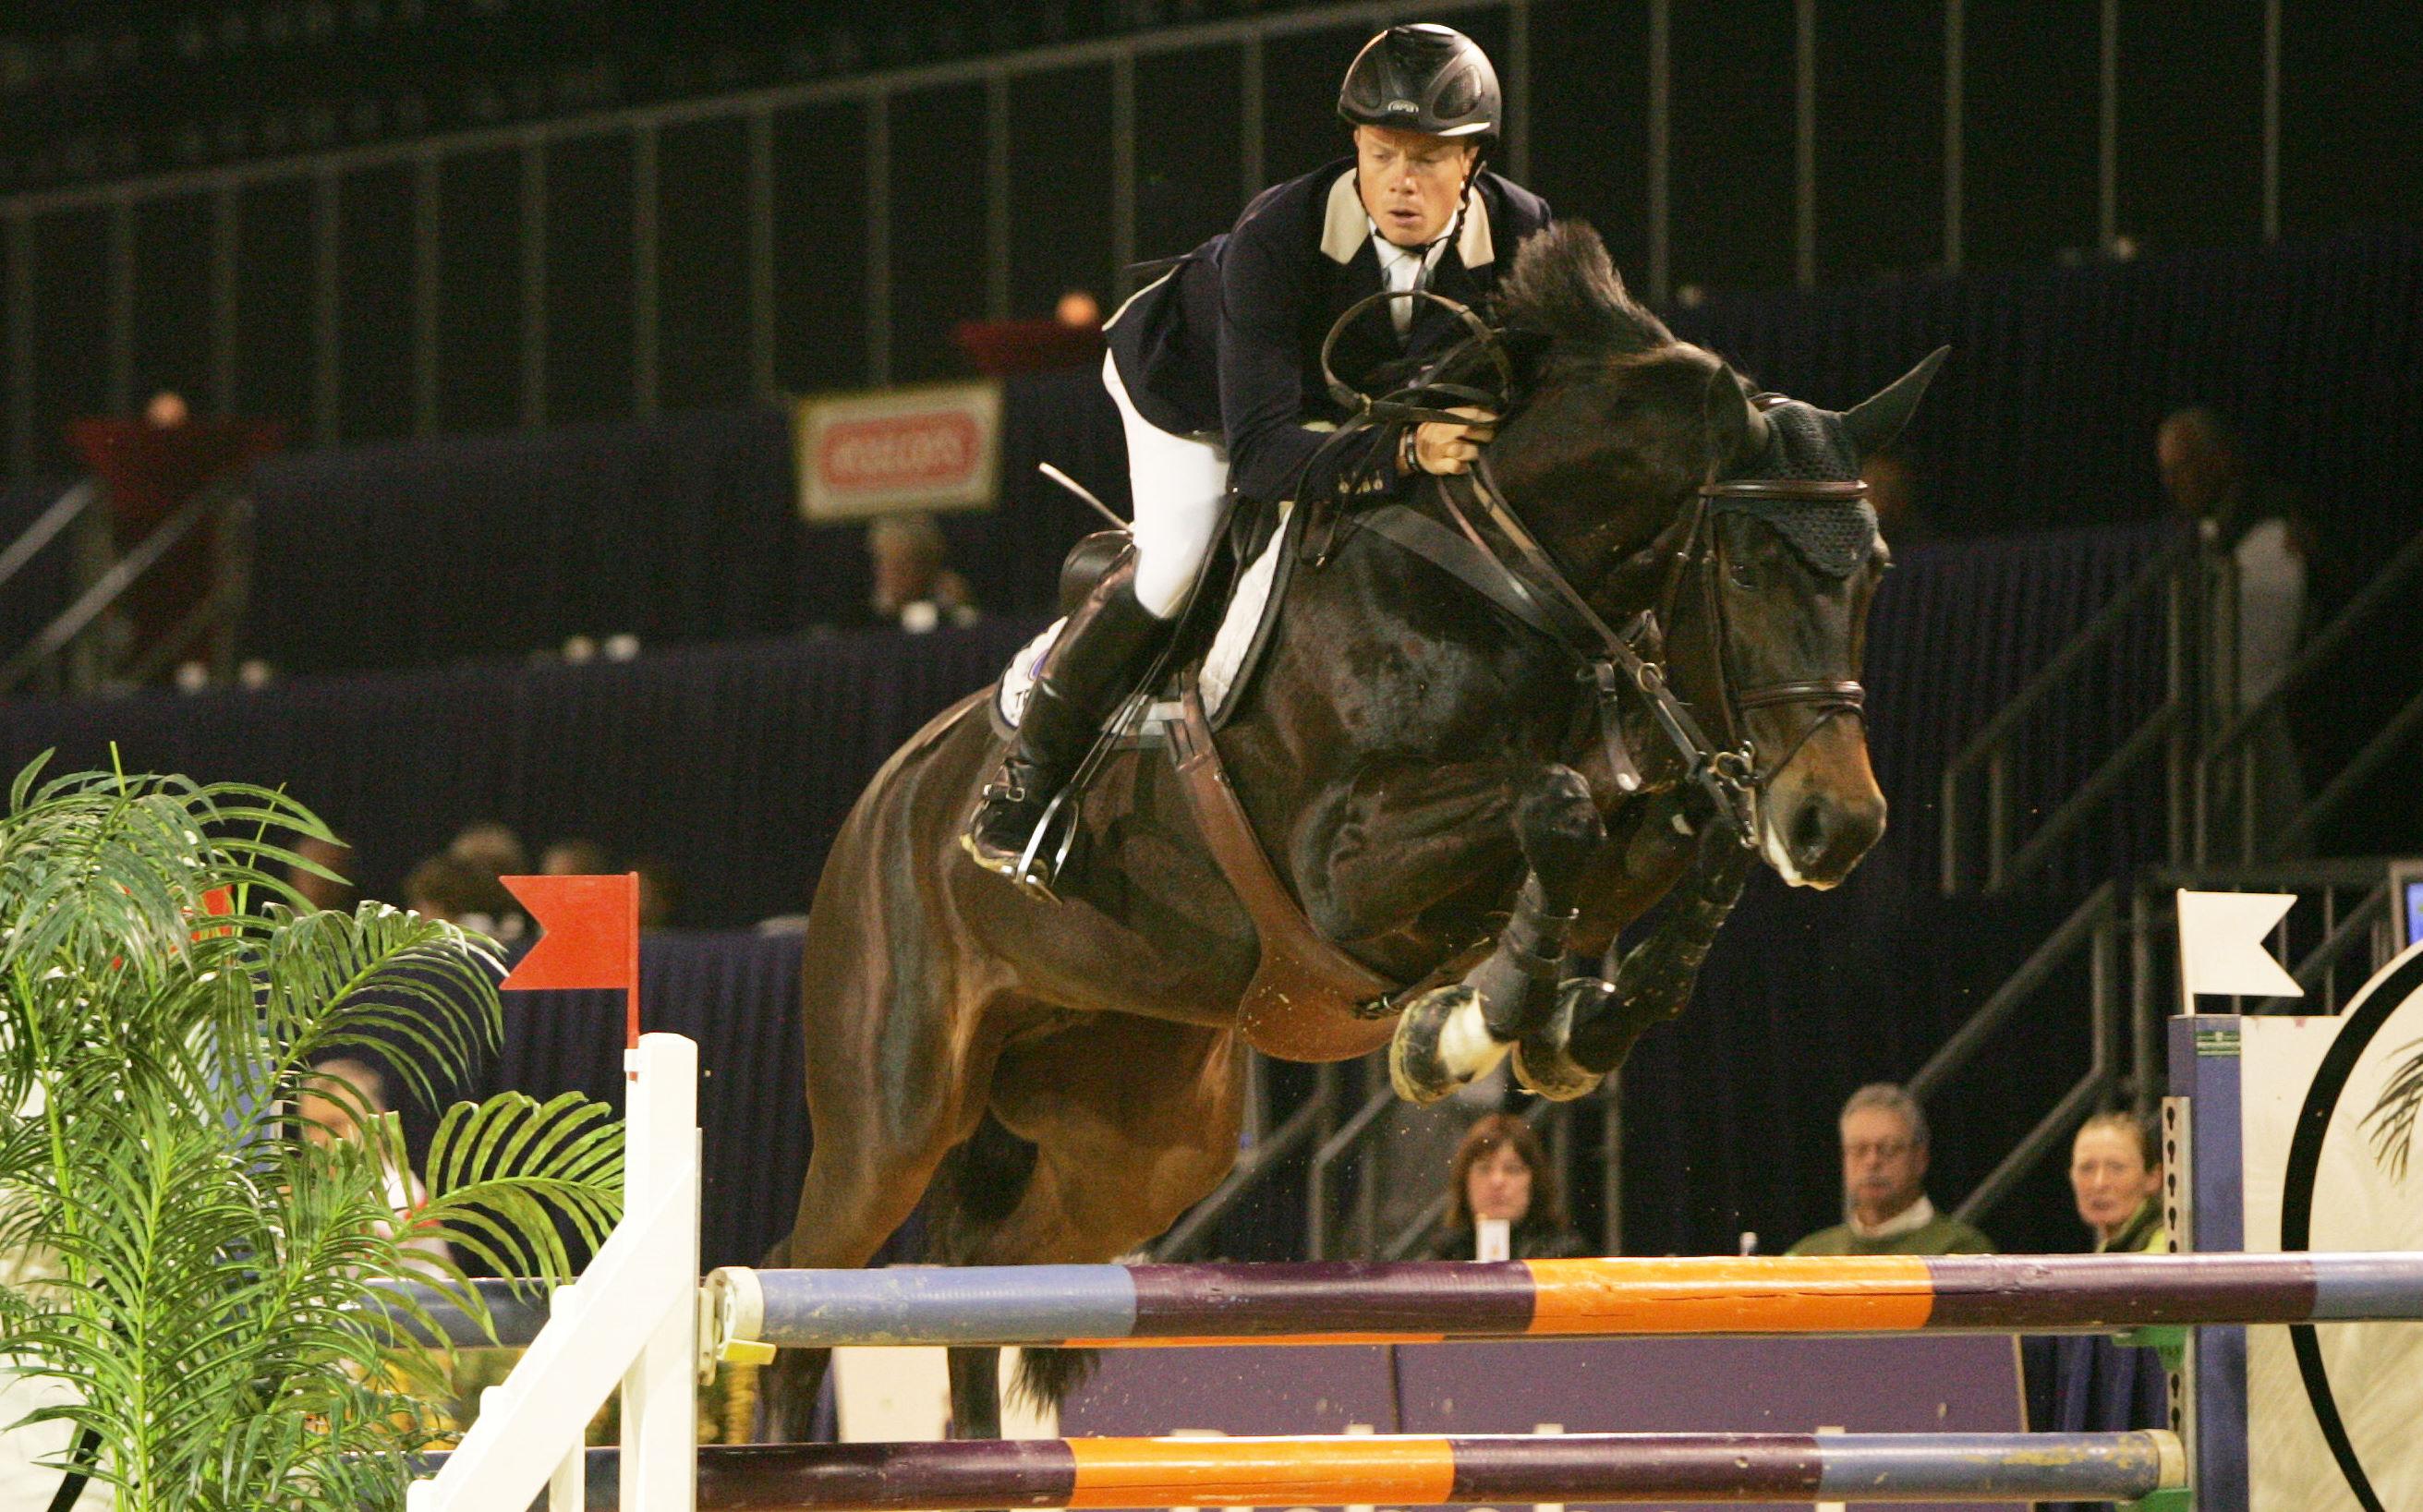 Willem Greve en Sonate eerste winnaars Grote Prijs Indoor Twente